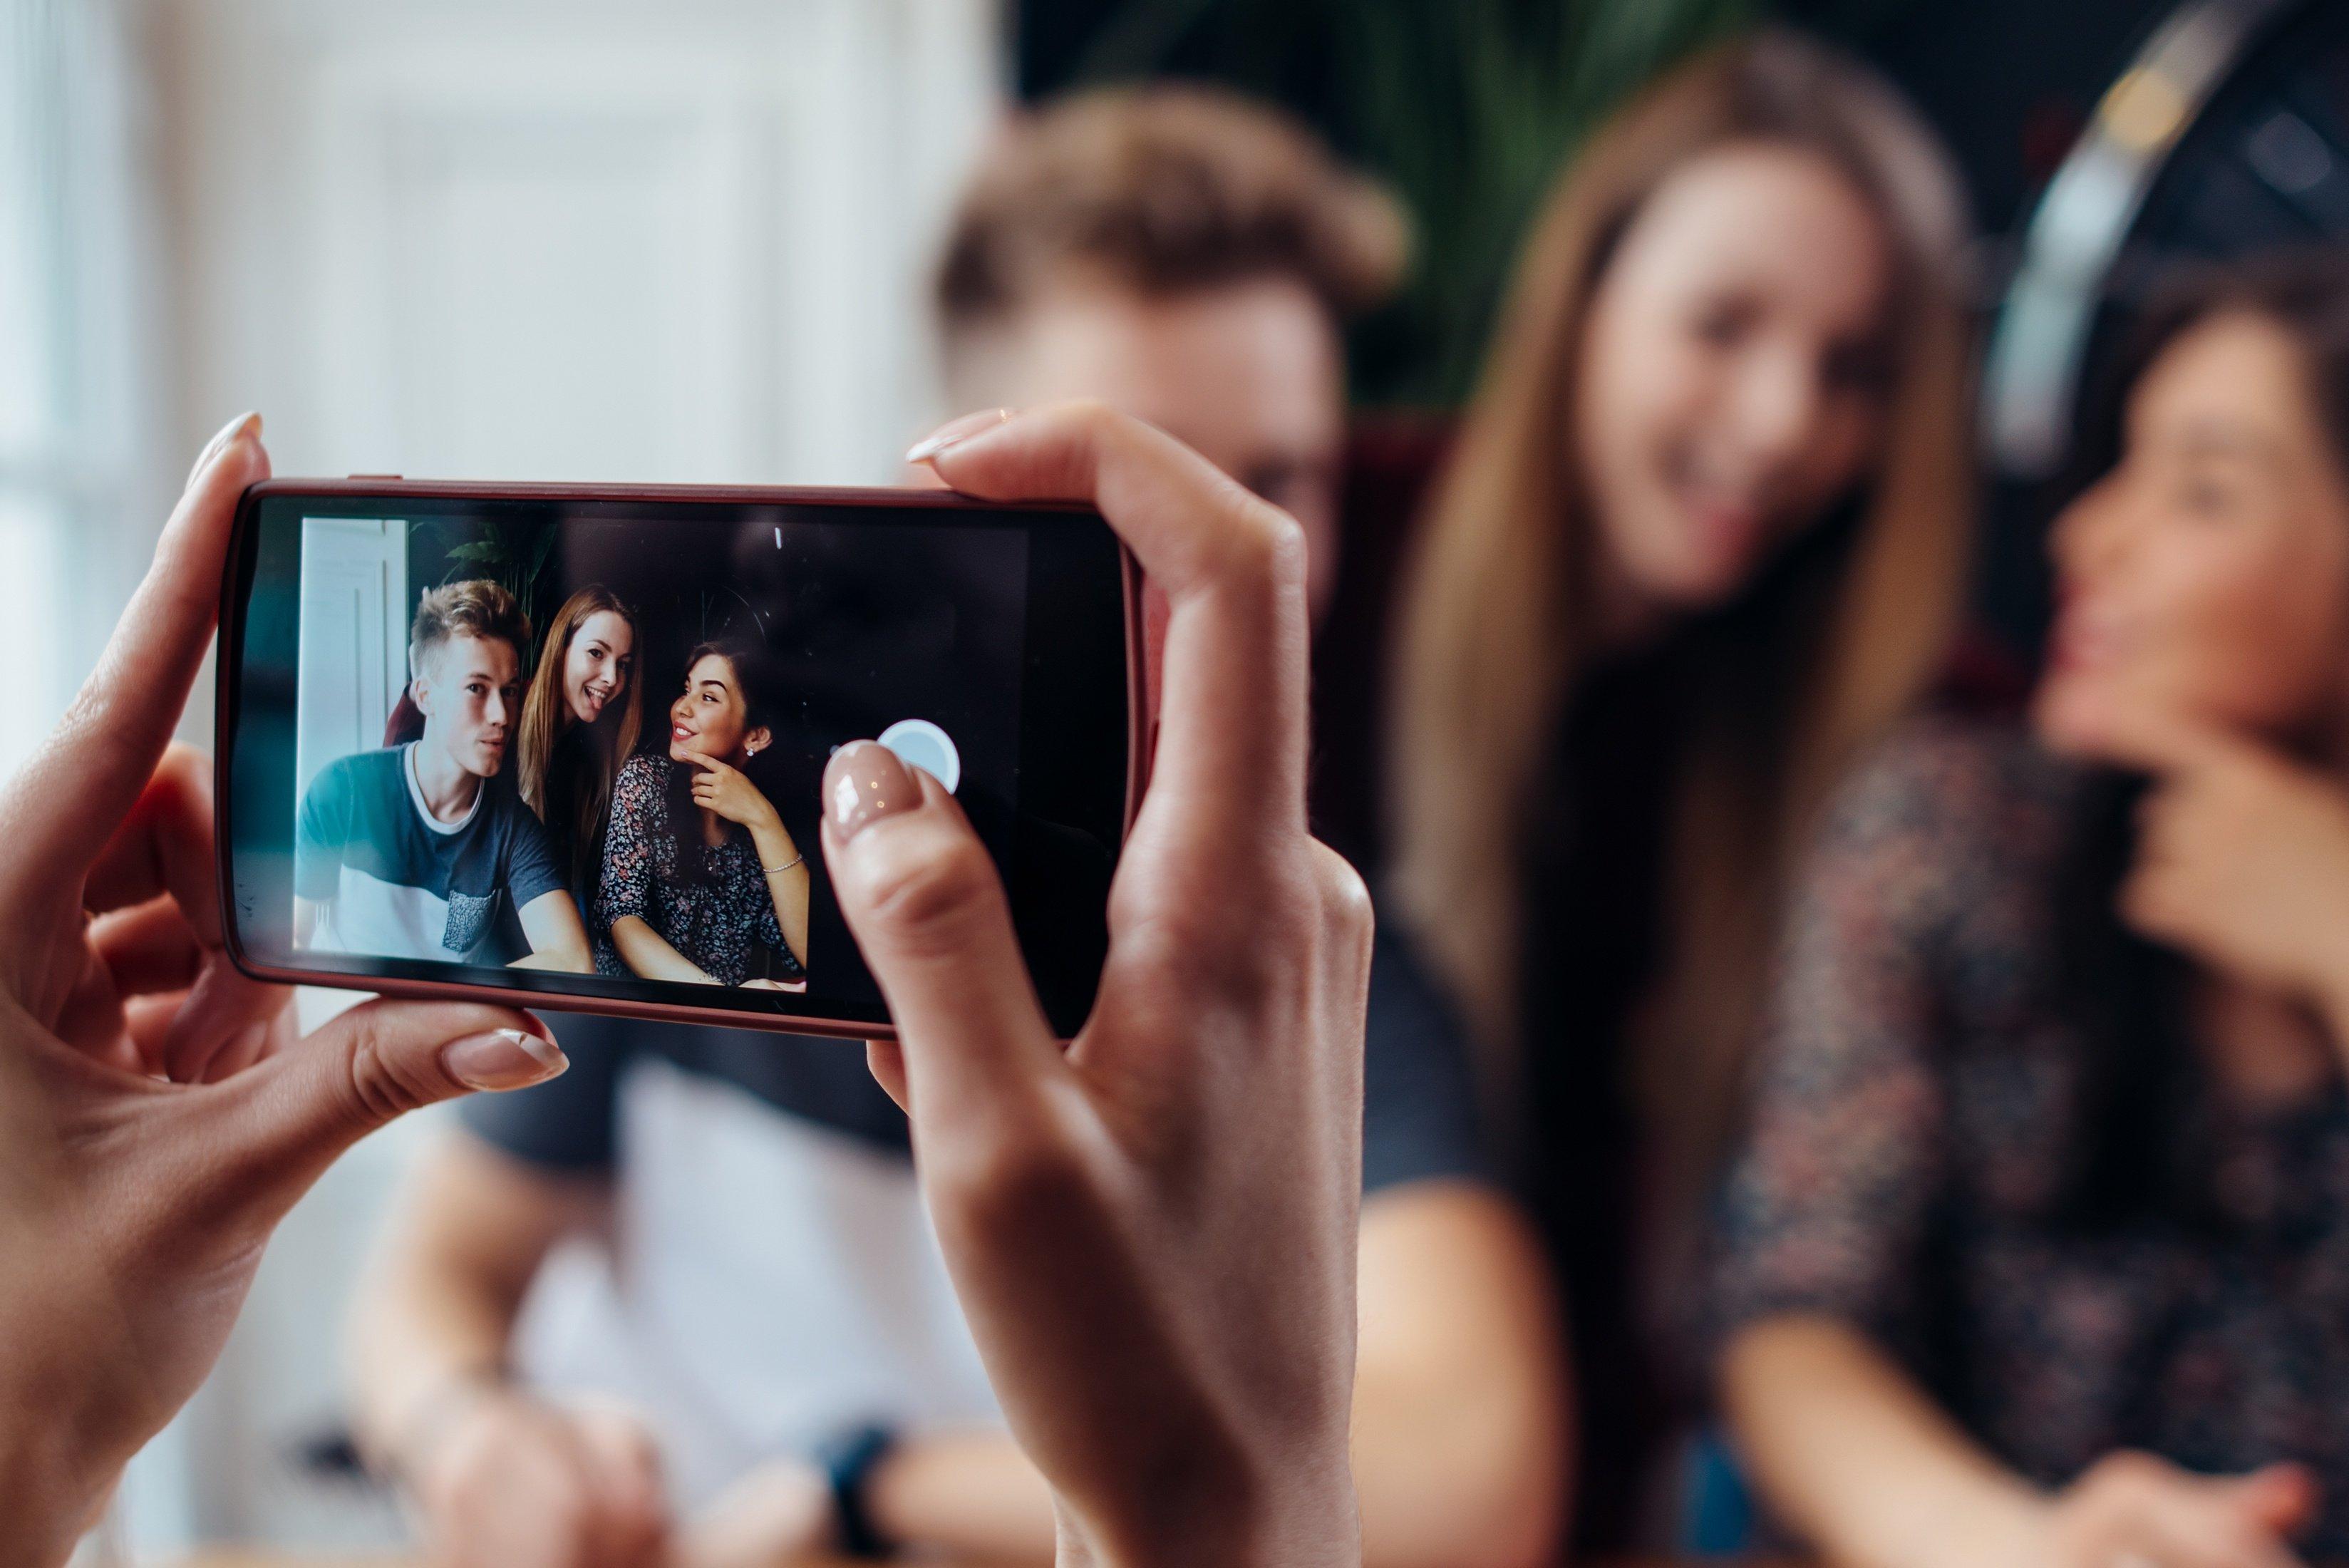 Novo recurso de TV do Instagram: é uma boa ideia para as marcas?